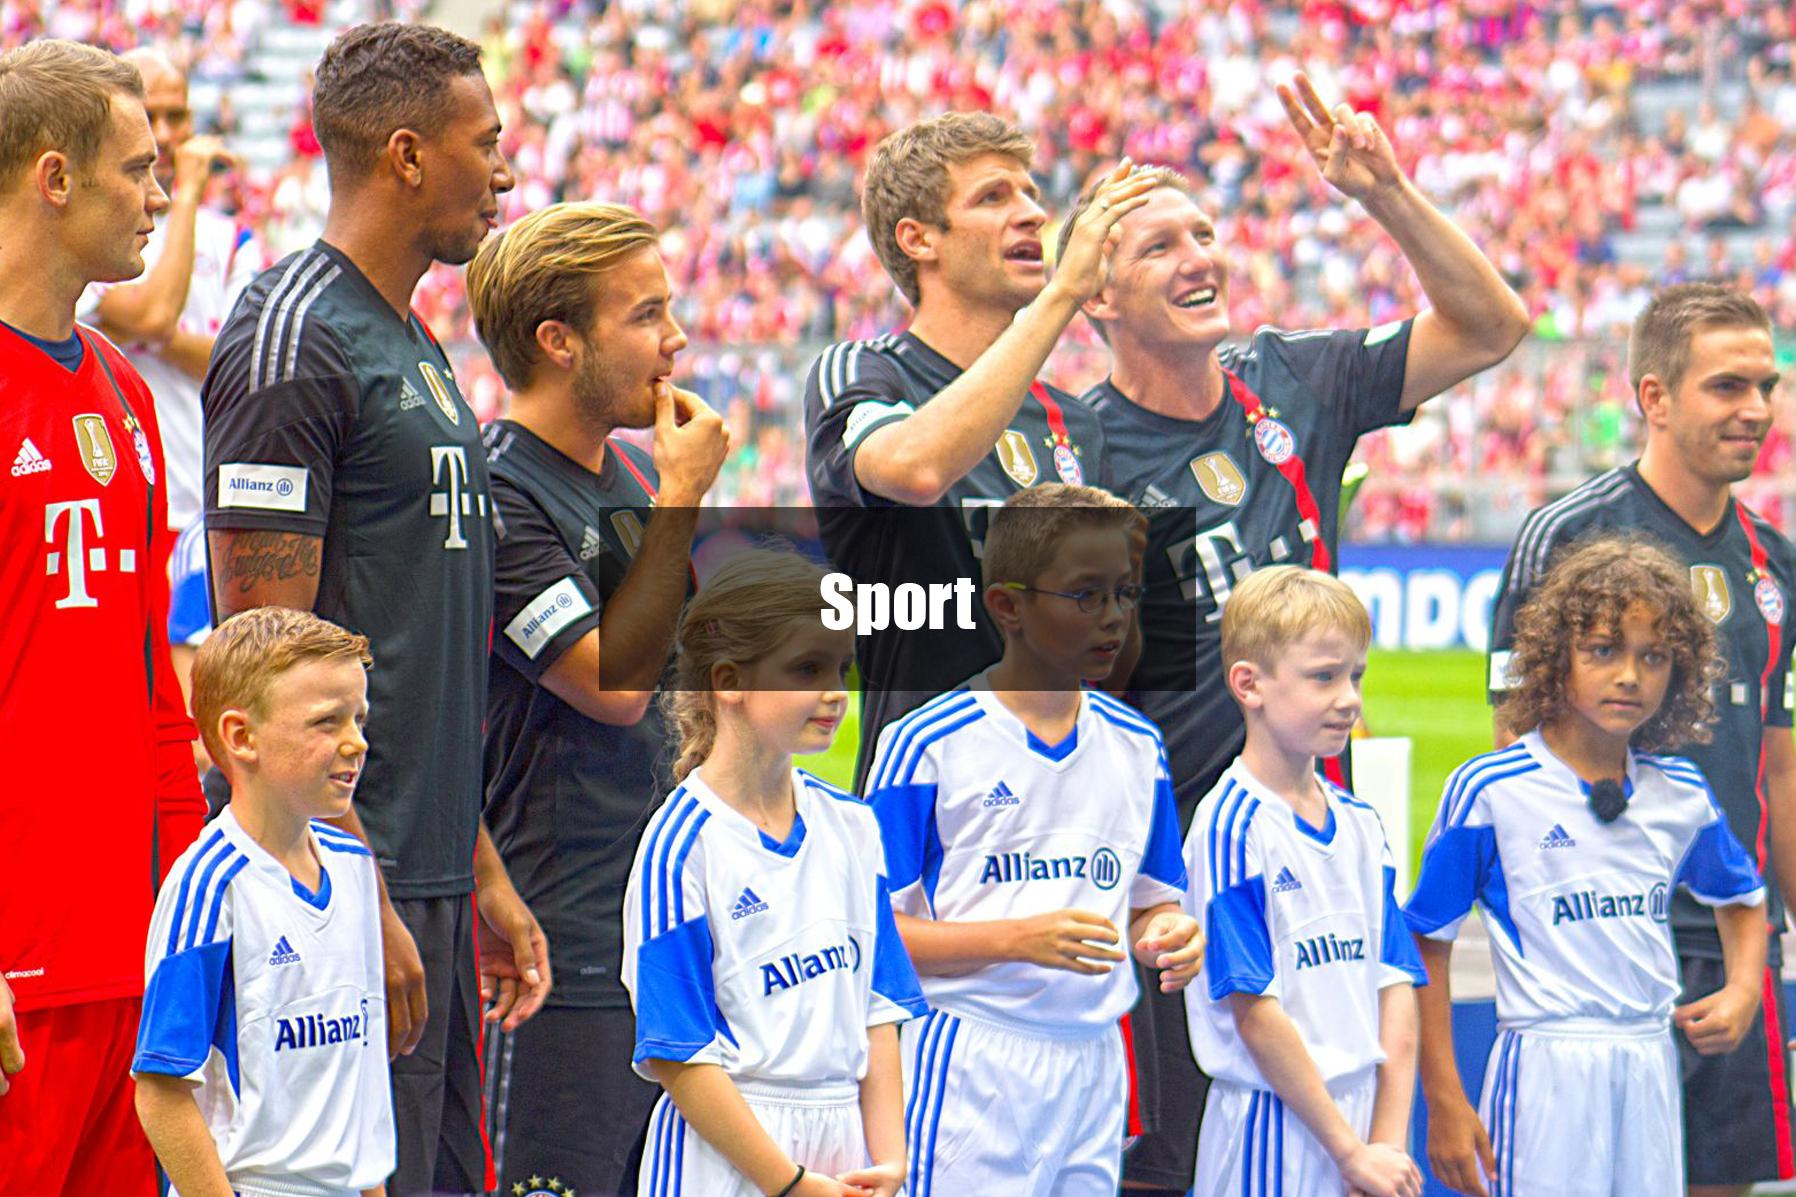 Sport Fotos von Rico Güttich